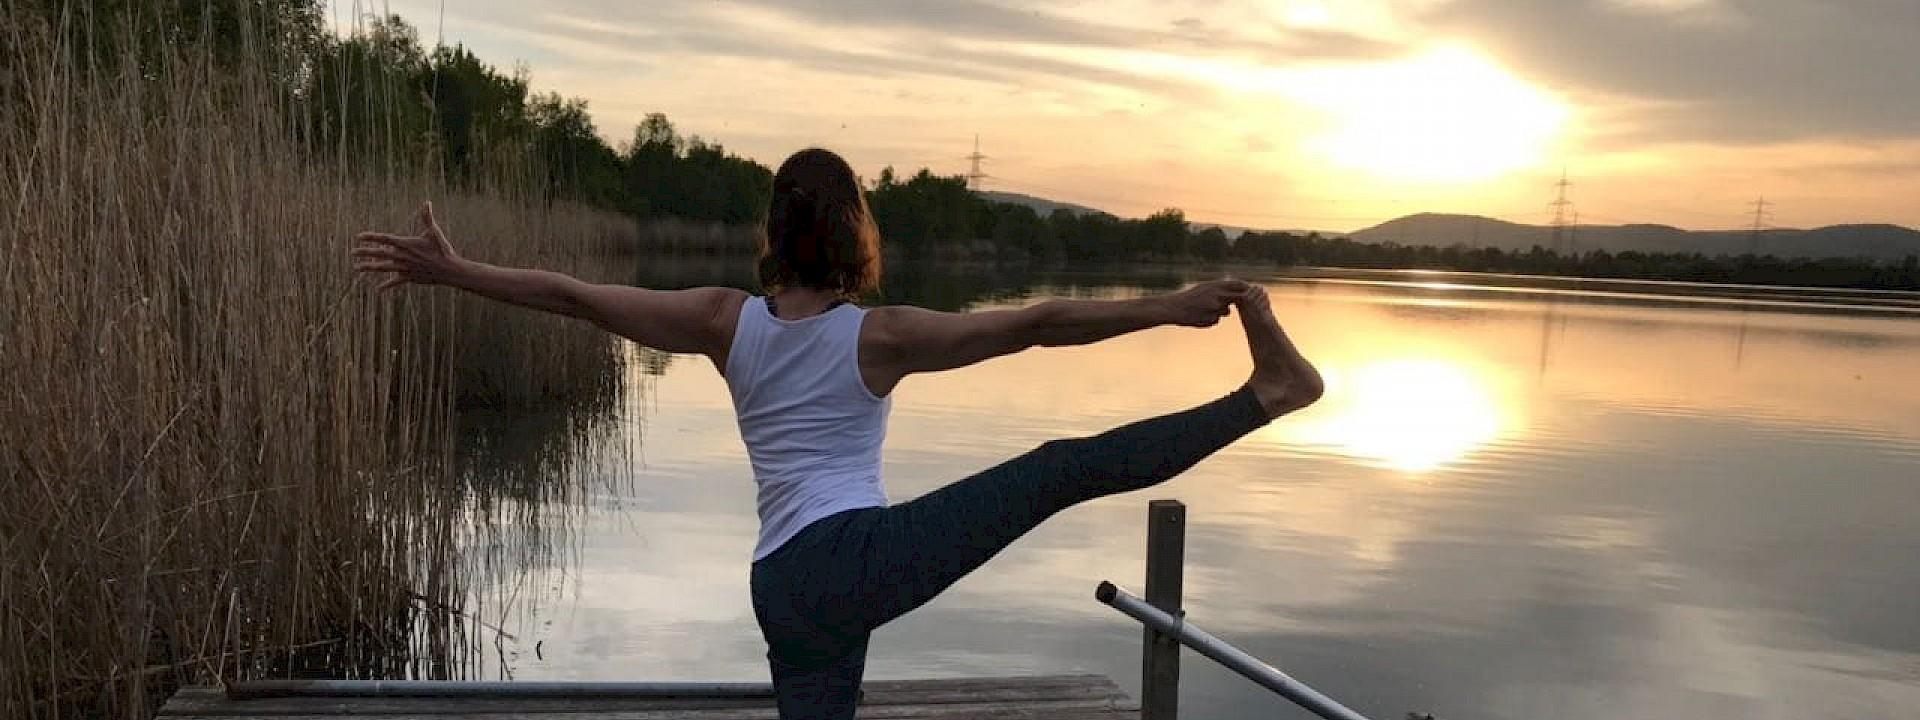 Wellnessreise Yoga am See 3 Tage | ab 299,- €